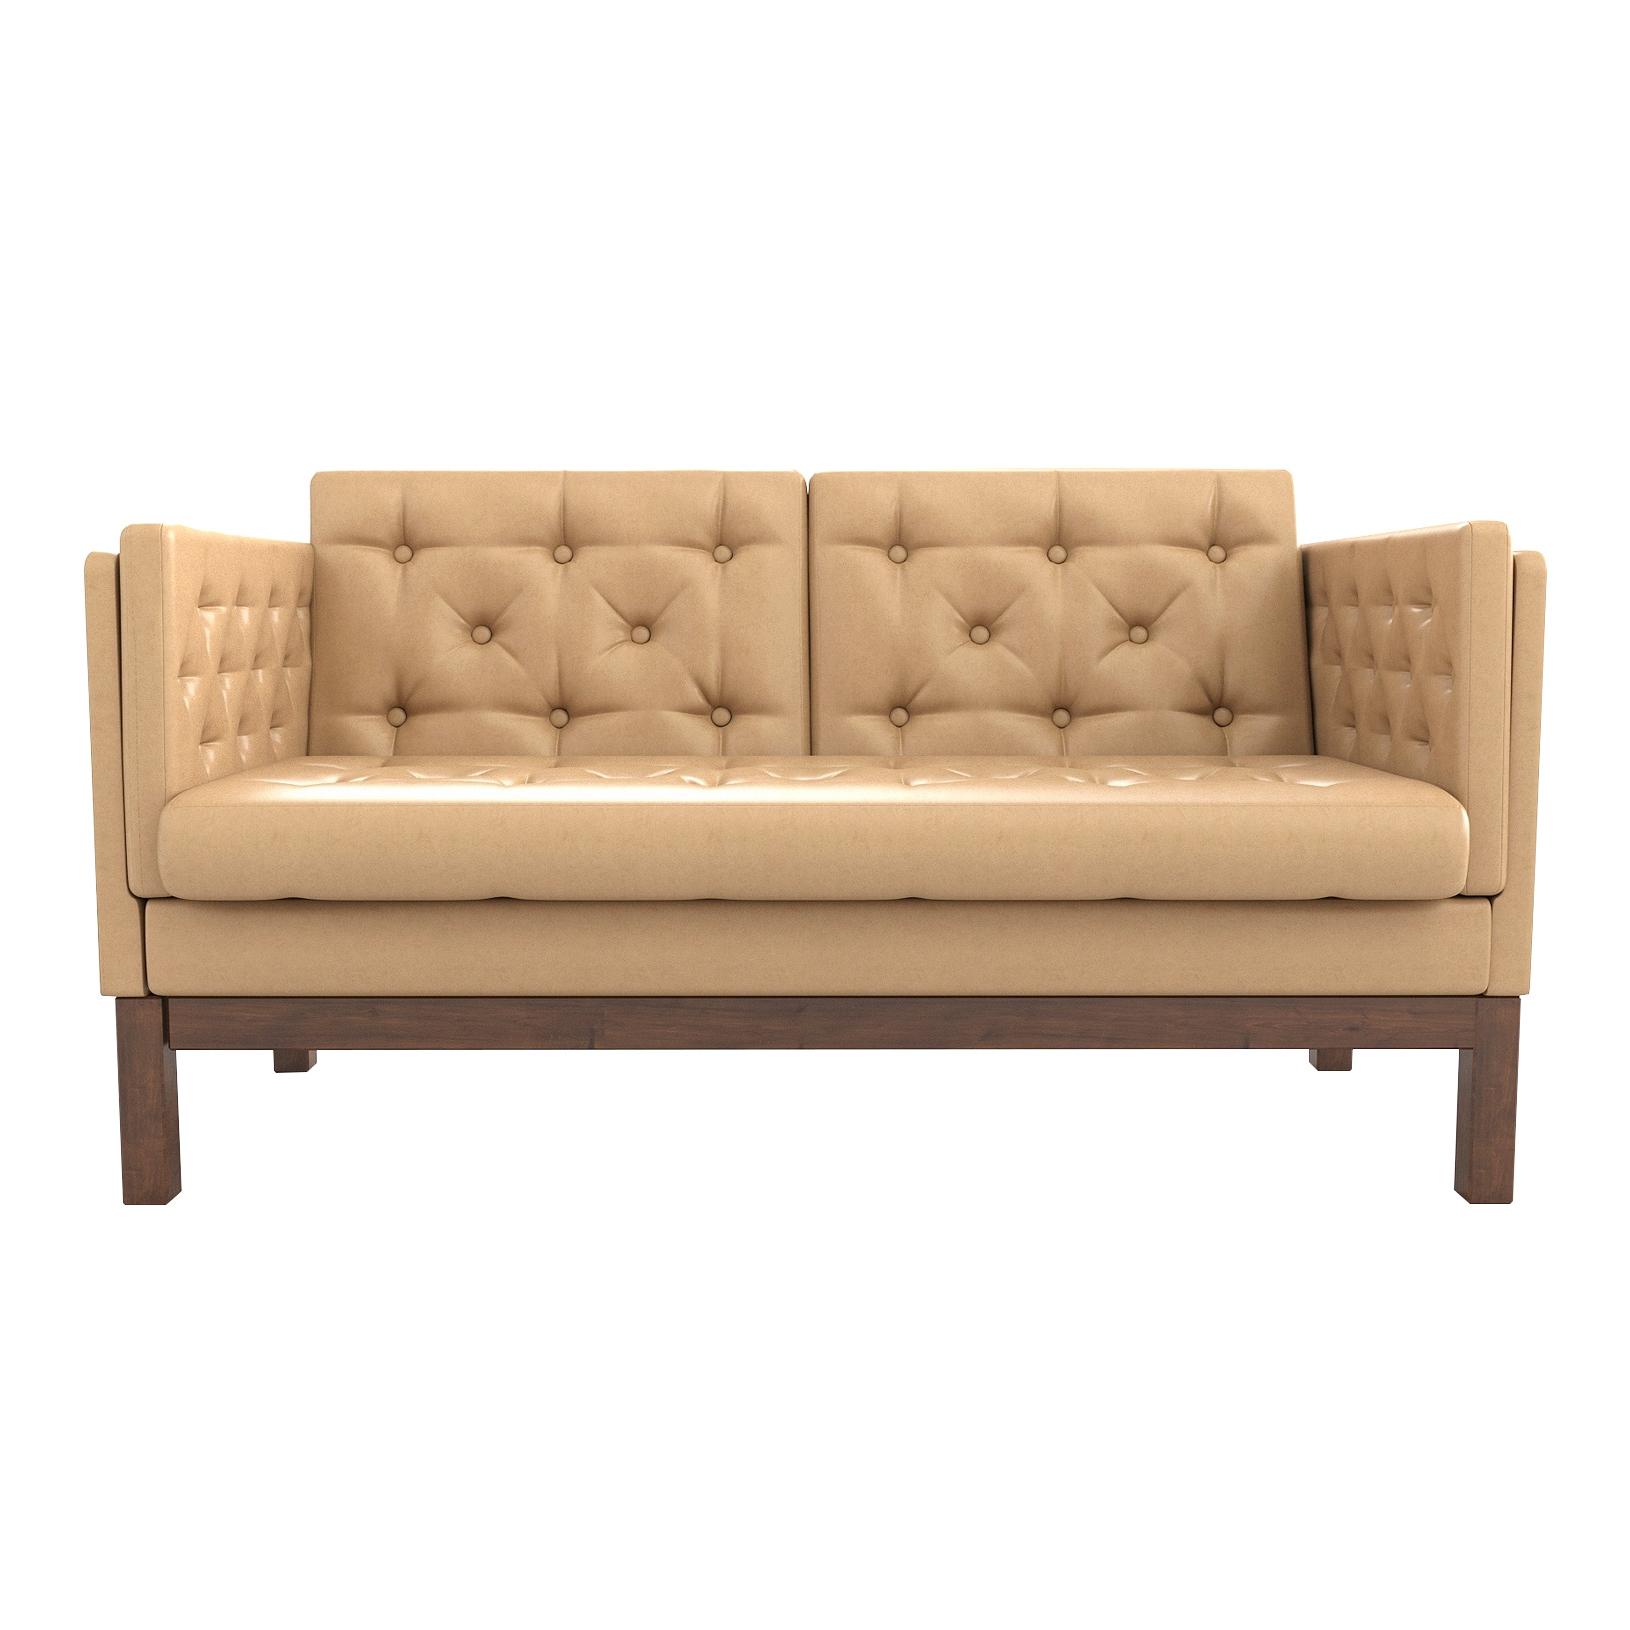 Фото - Диван AS Алана м 154x82x83 орех/кремовый диван as алана м 154x82x83 сосна коричневый